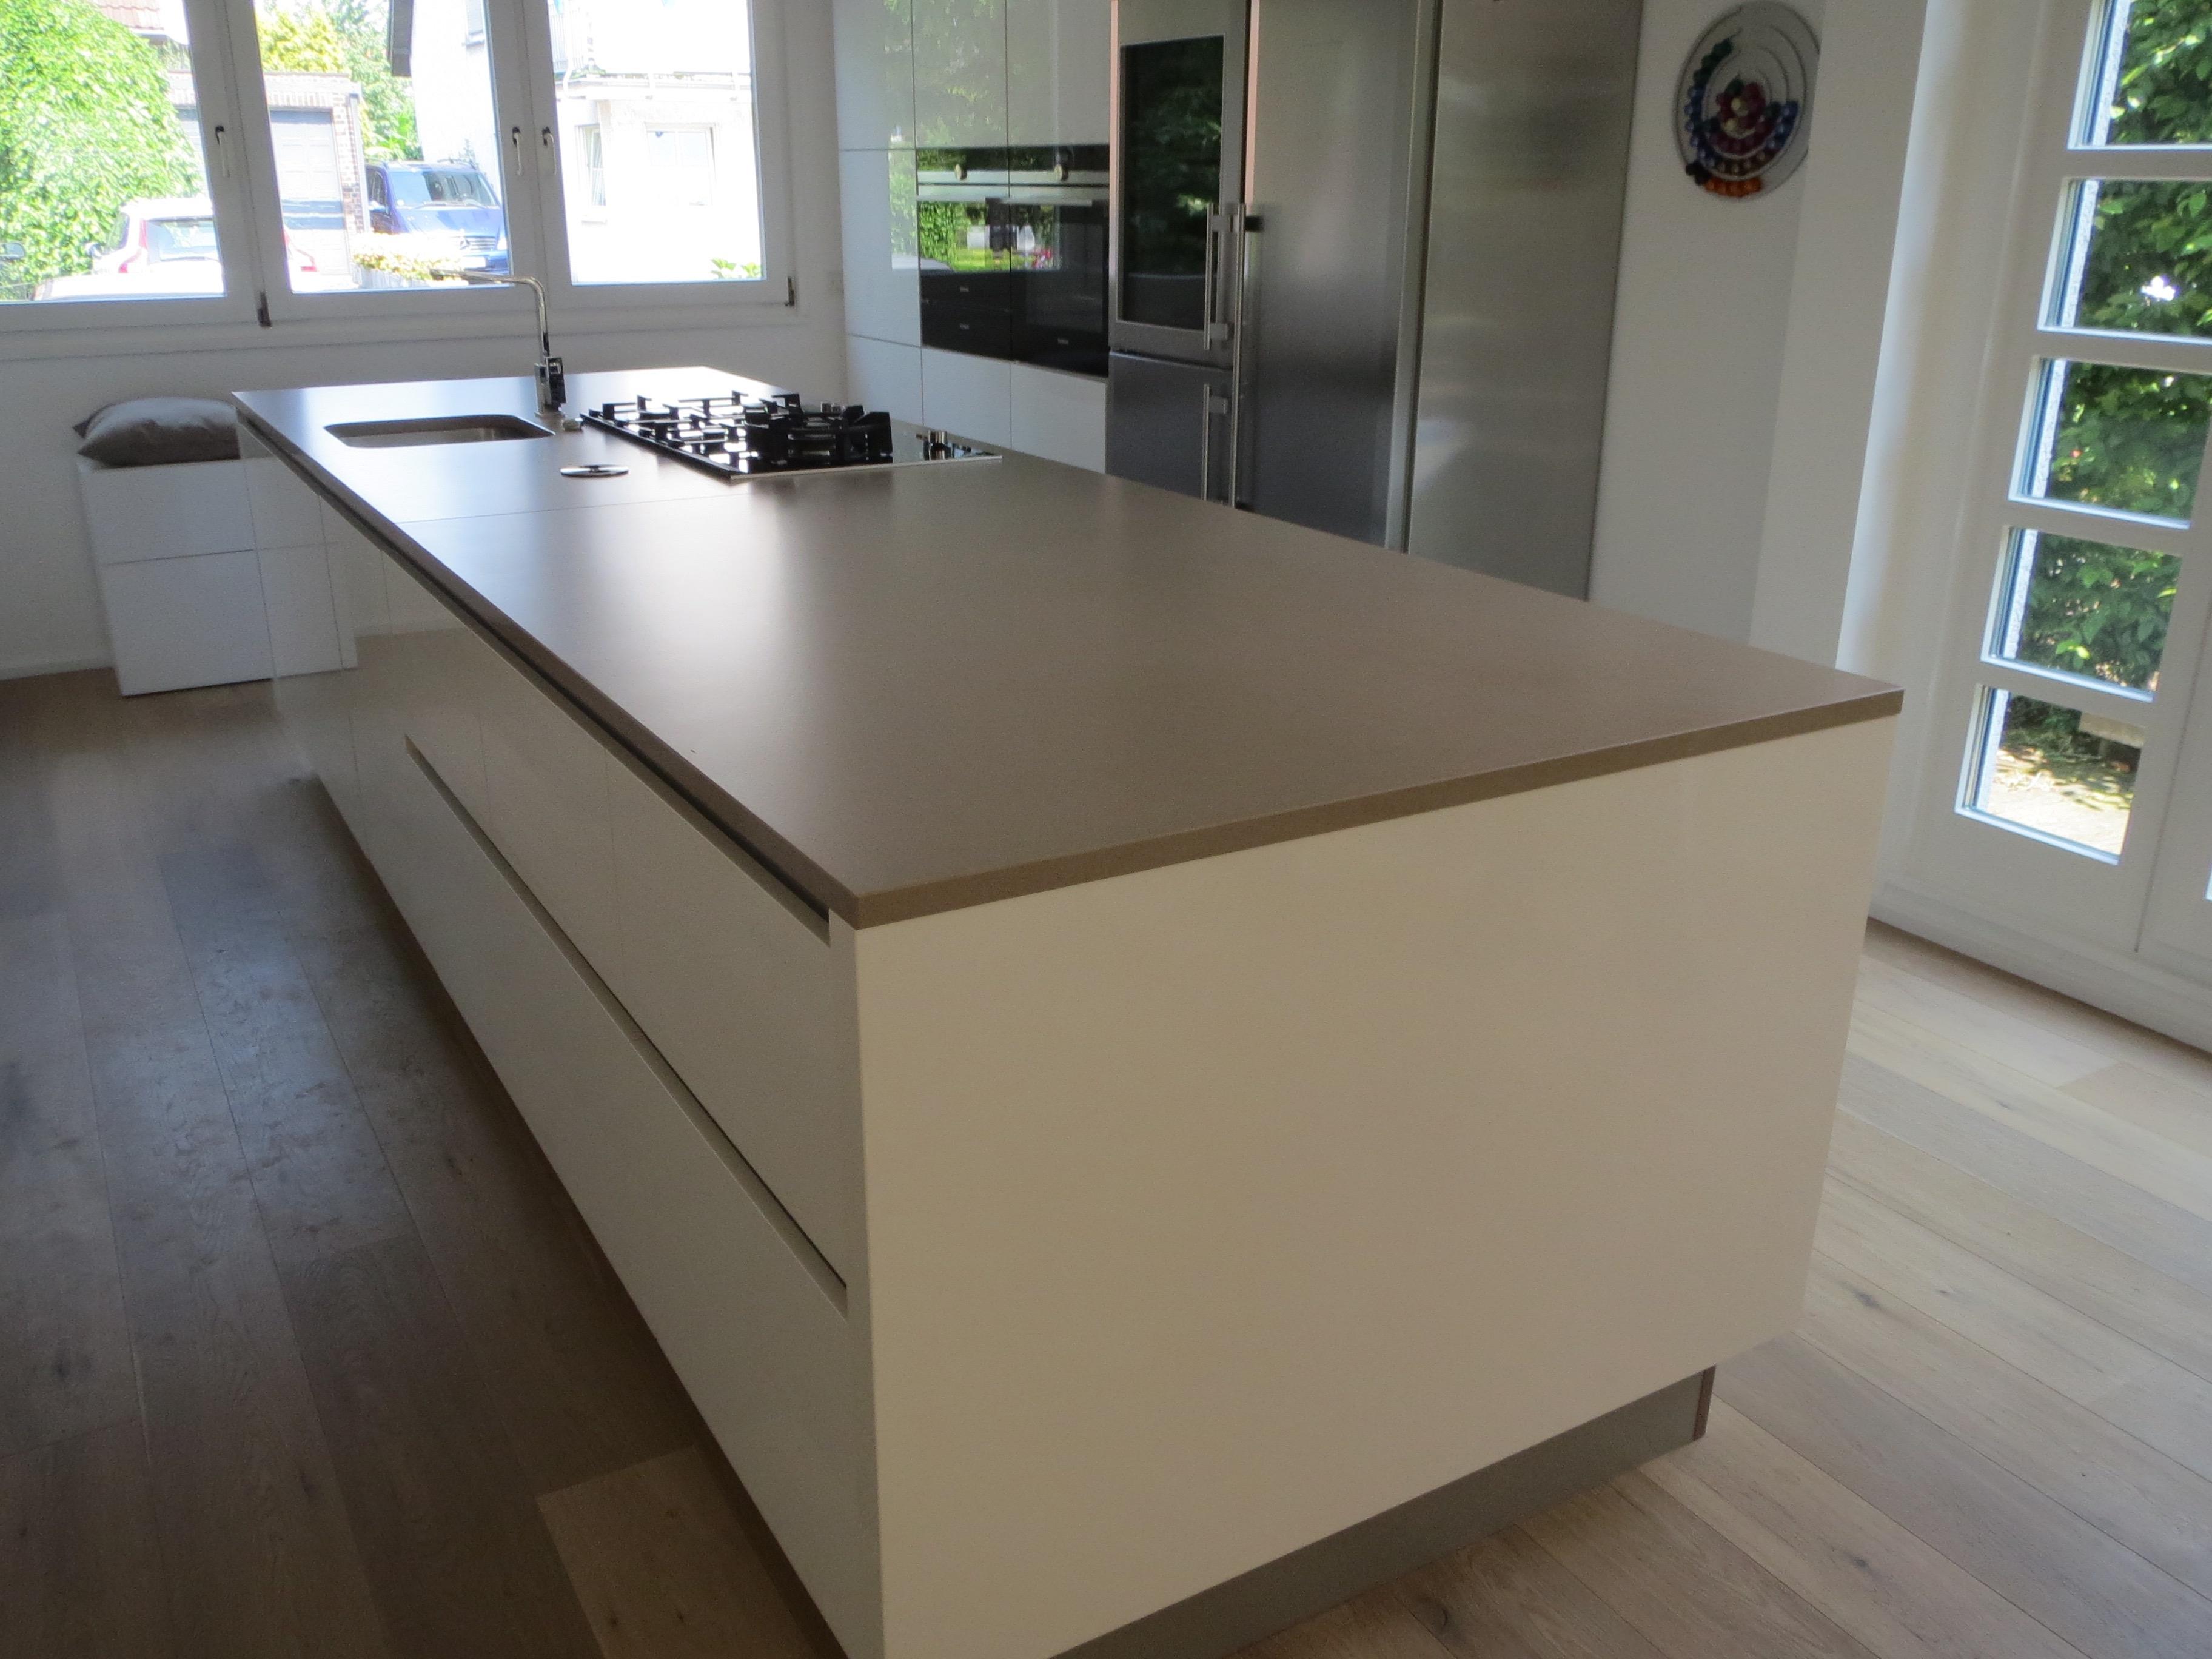 natursteinzentrale gmbh steinhauer willich deutschland tel 021548147. Black Bedroom Furniture Sets. Home Design Ideas